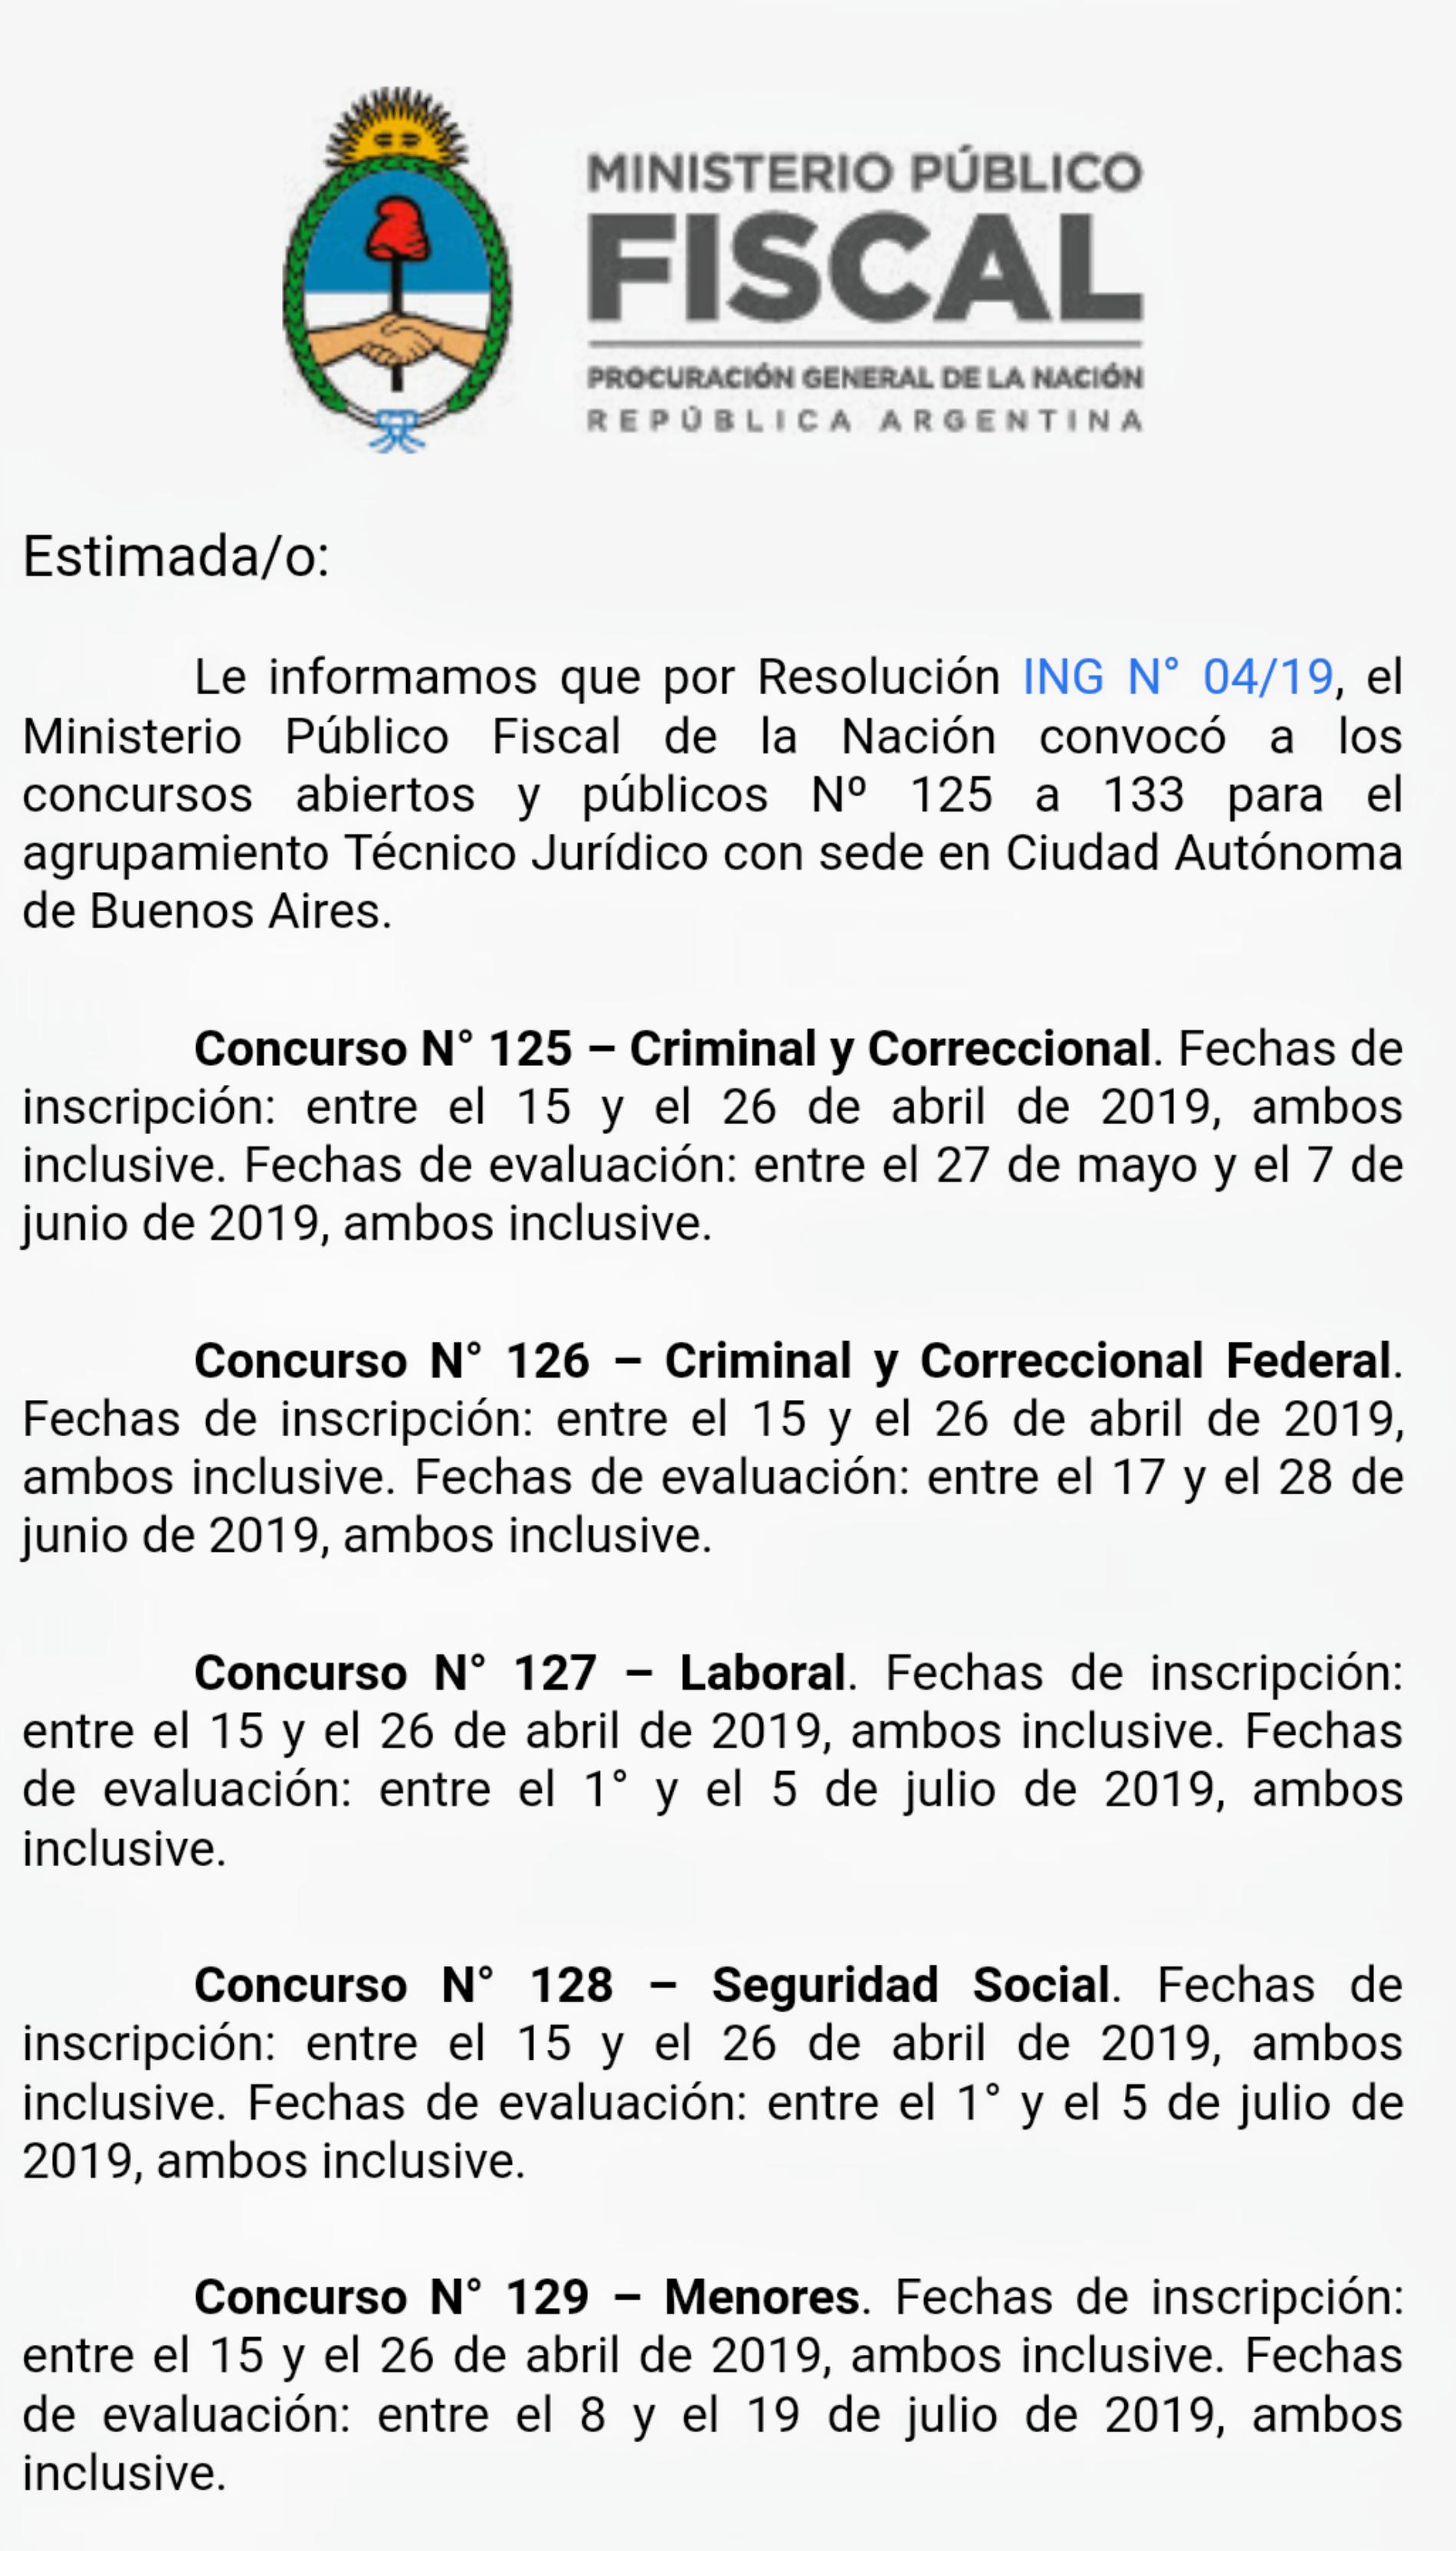 INGRESO DEMOCRÁTICO – MINISTERIO PÚBLICO FISCAL.  Convocatoria a los concursos N° 125 a 133 -Técnico Jurídico- Ciudad Autónoma de Buenos Aires.